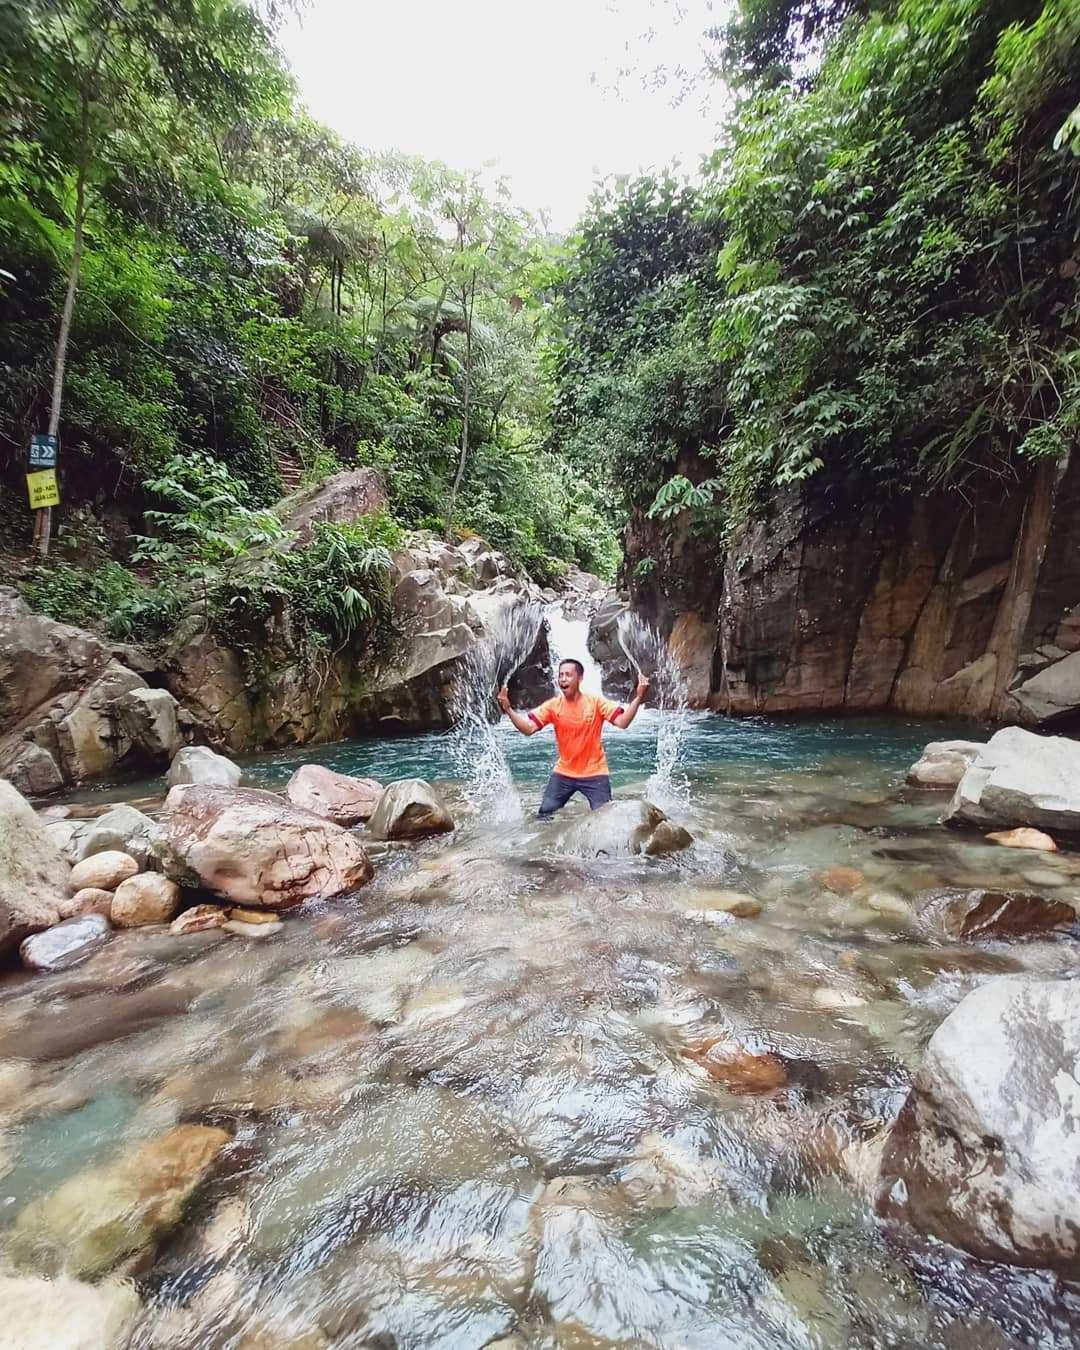 Bermain Air di Leuwi Cepet bogor Image From @guide_sentul